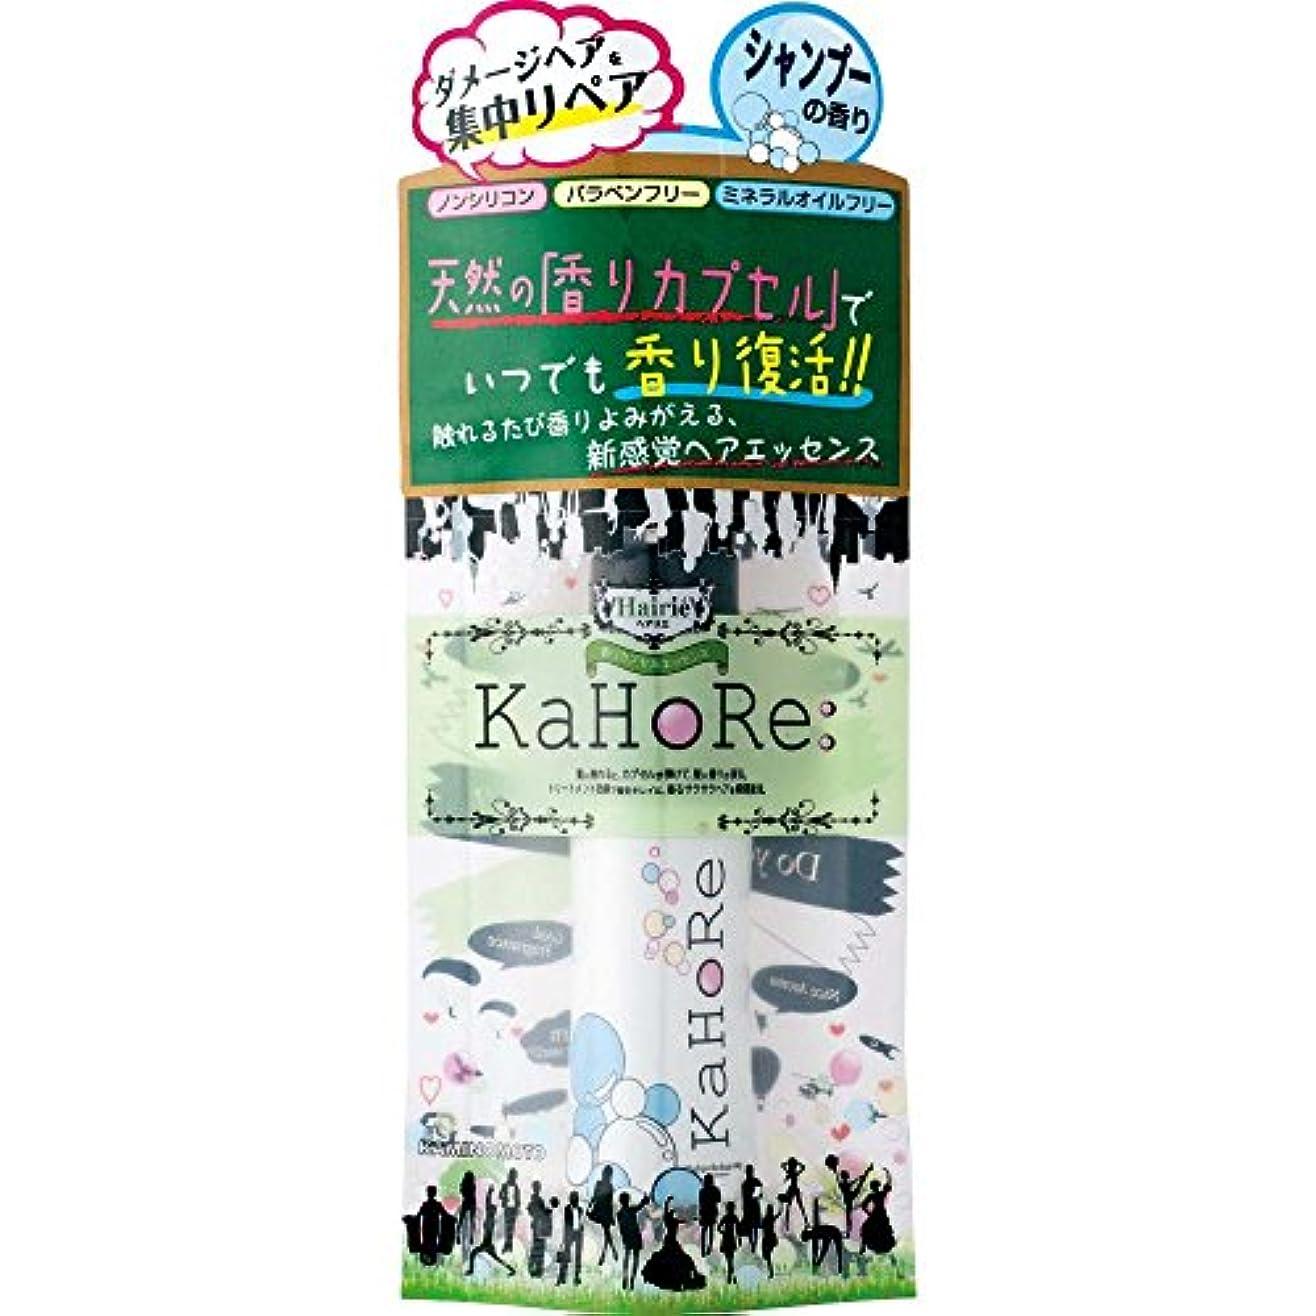 氷権限タイヤヘアリエ KaHoRe ヘアエッセンス 洗いたてのシャンプーの香り 30g